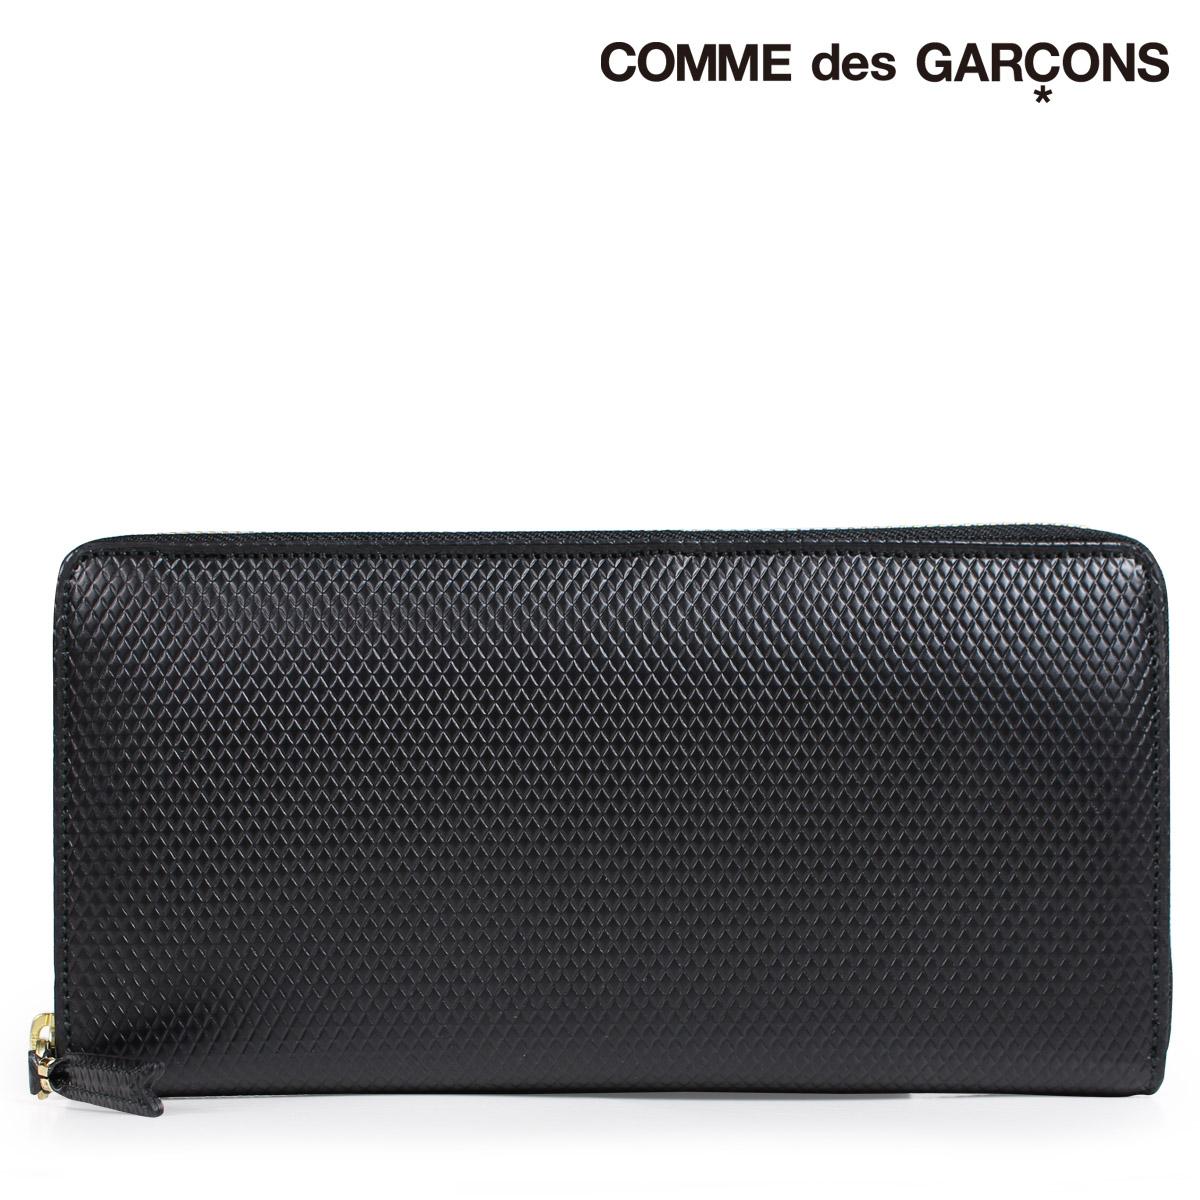 COMME des GARCONS 財布 メンズ レディース 長財布 ラウンドファスナー コムデギャルソン SA0110LG ブラック [9/10 新入荷]